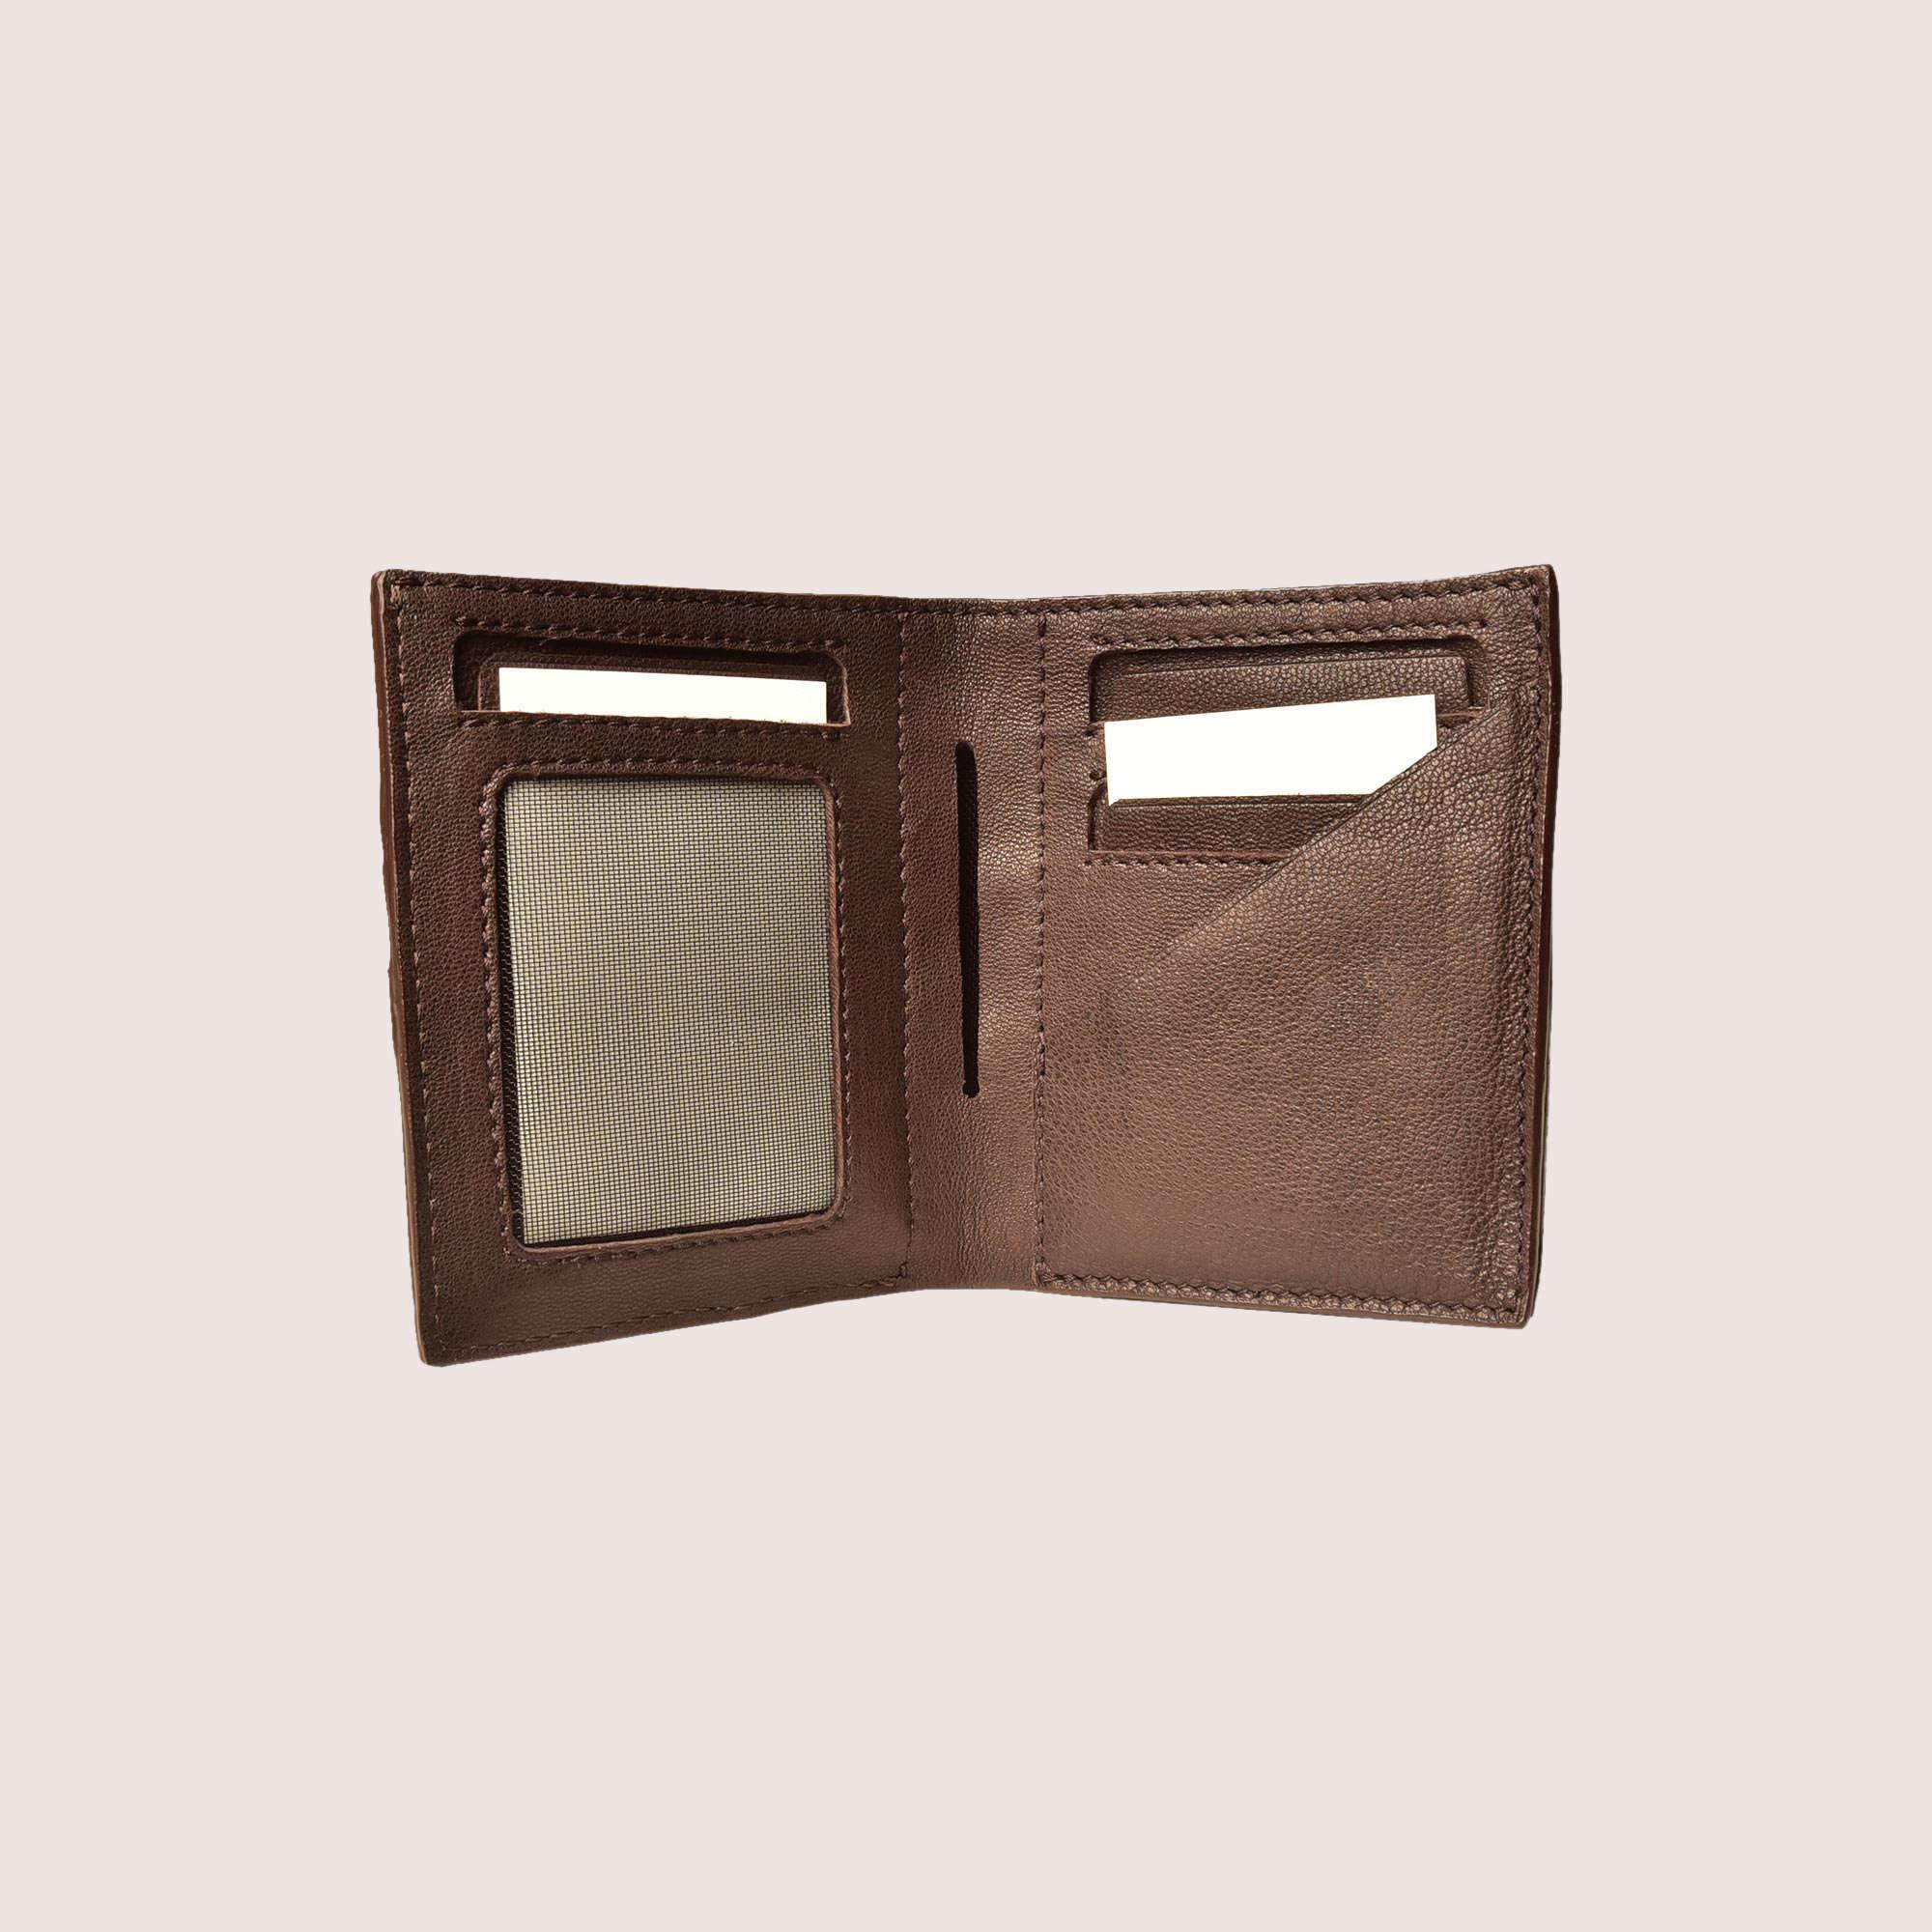 Mitchell Hand-Stitched Wallet